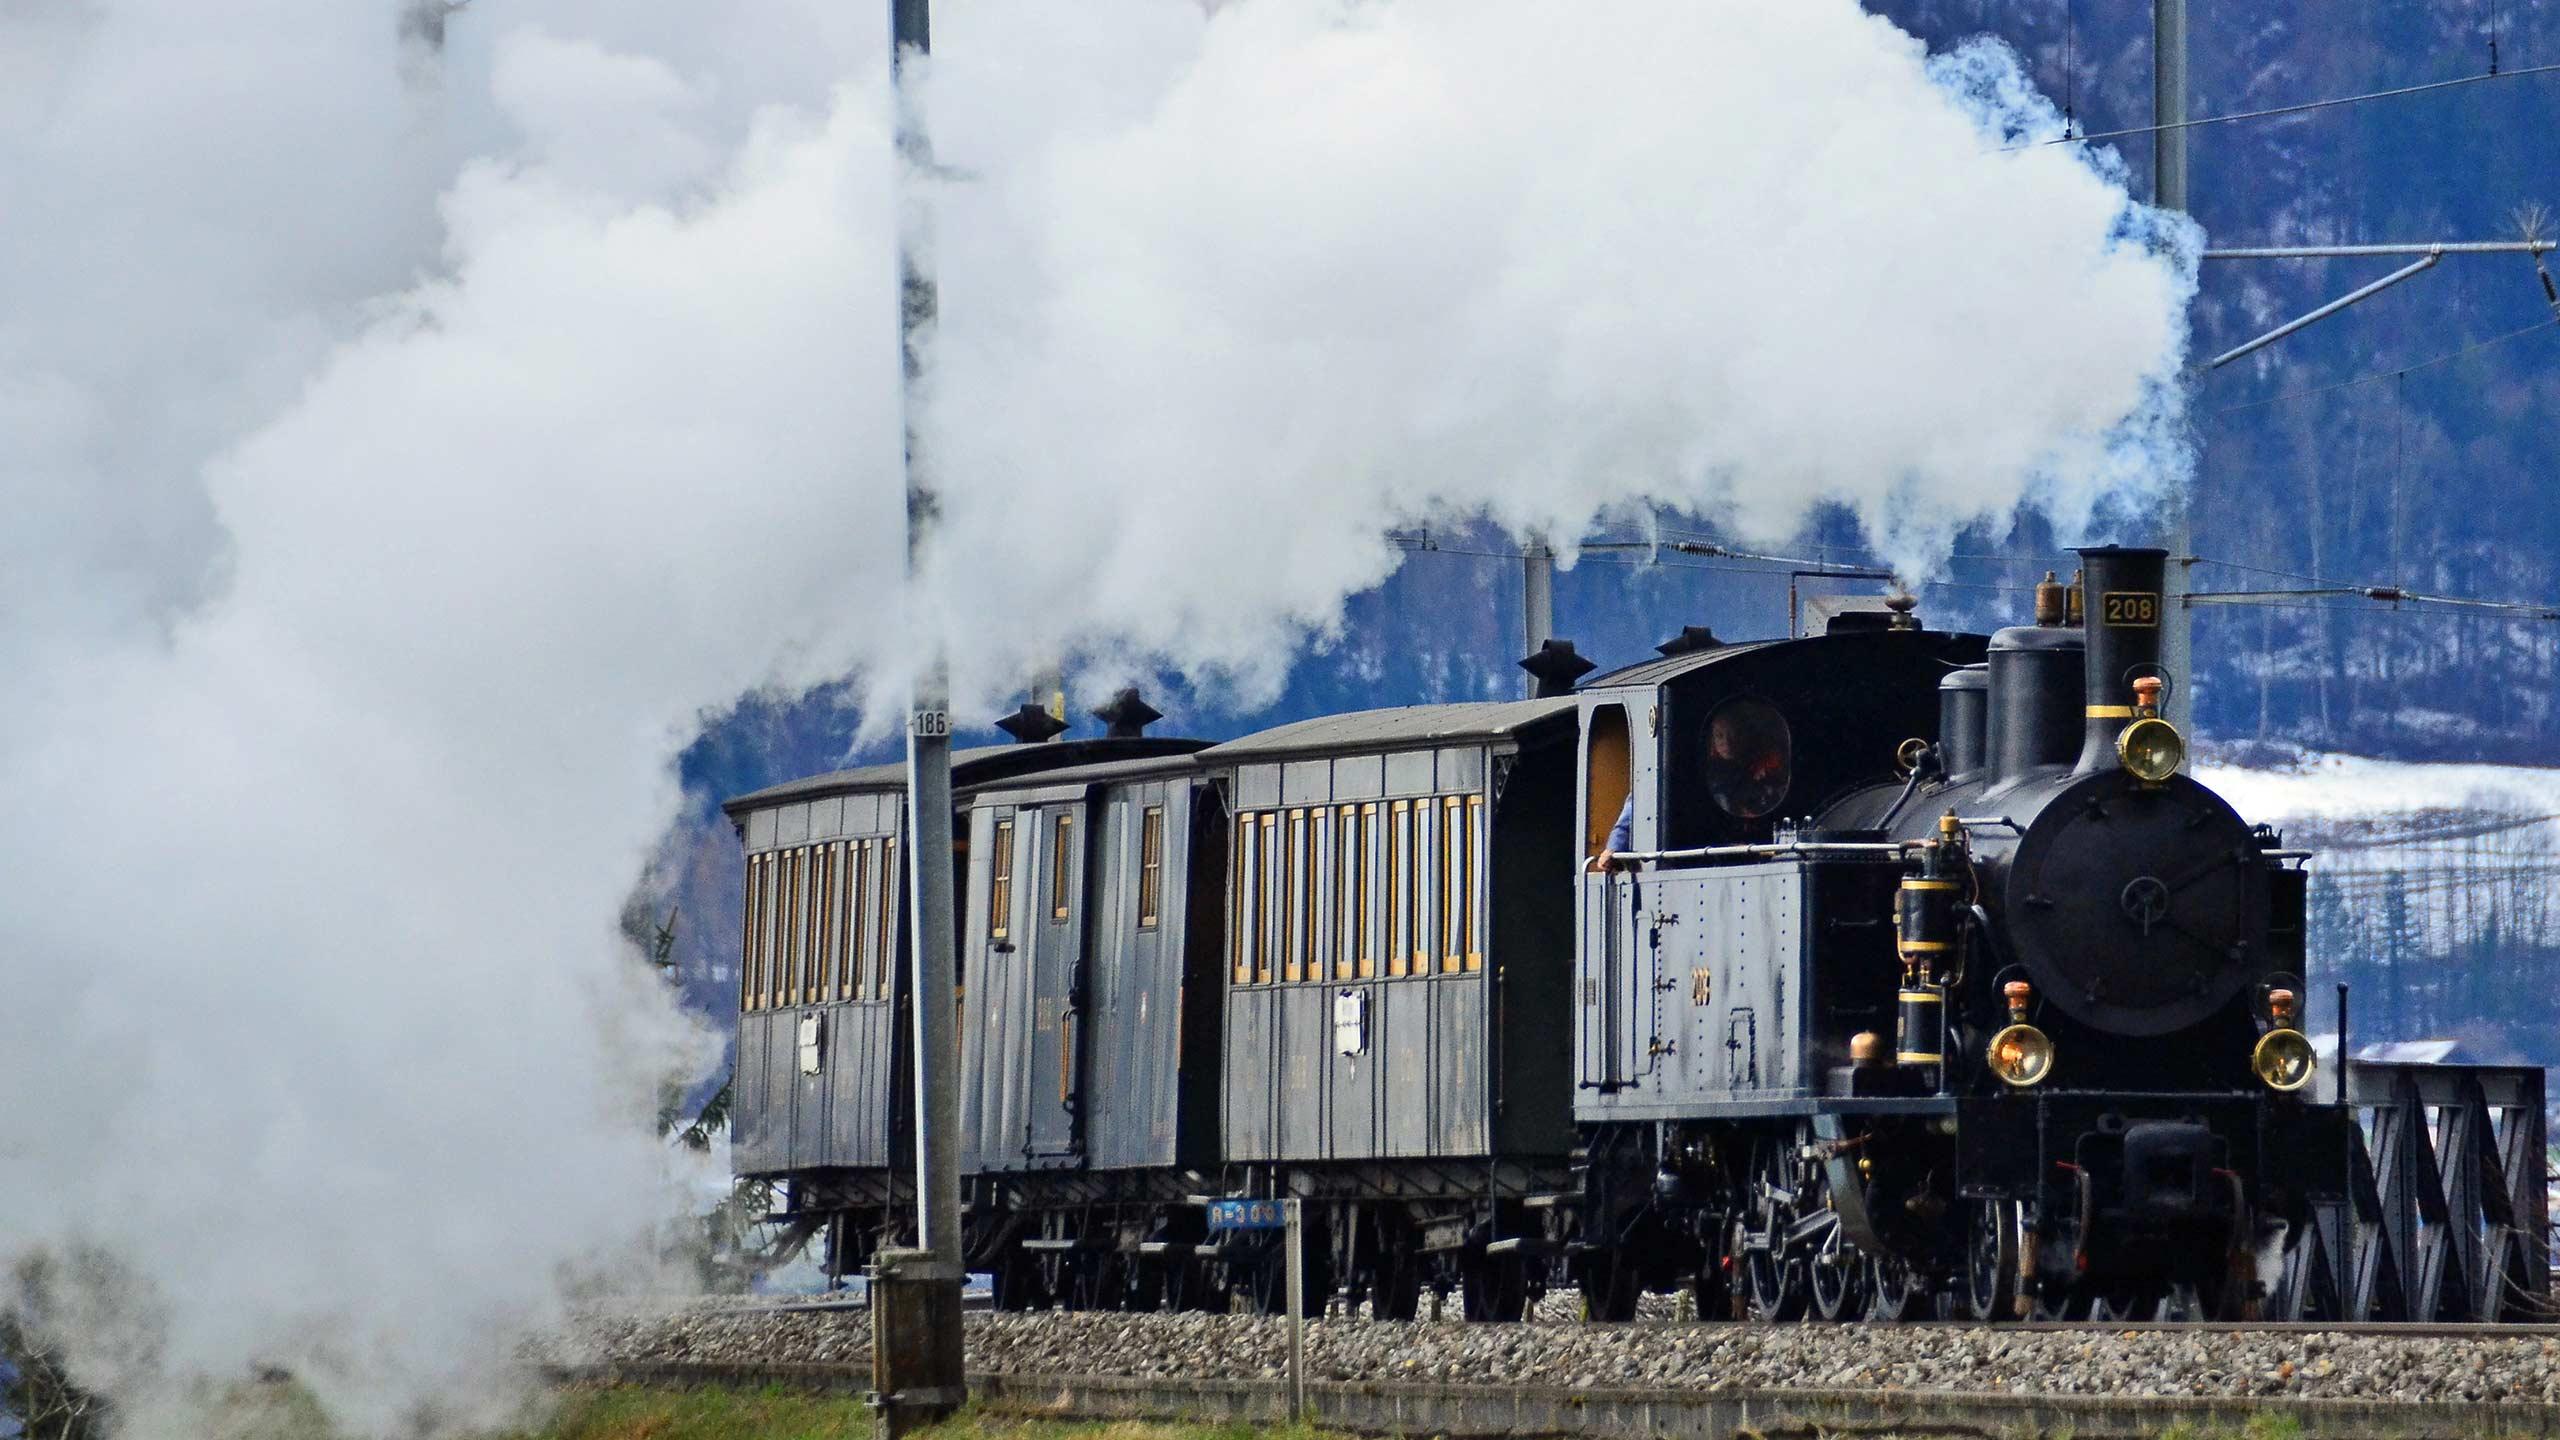 ballenberg-dampfbahn-unterwegs-herbst-dampf-rauch.jpg